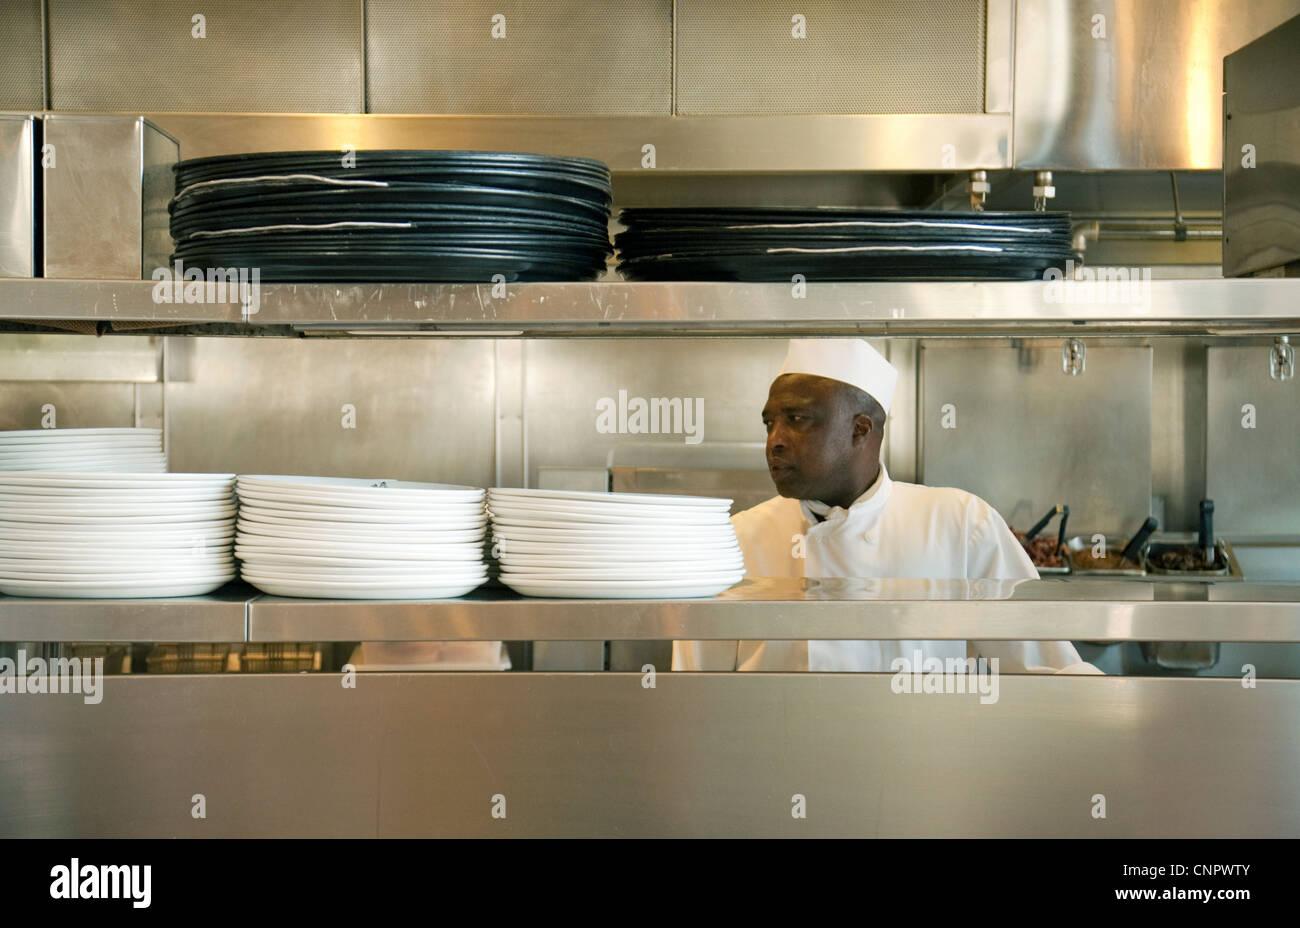 Ein Restaurant-Chef bei der Arbeit in seiner Küche, Disneyland Paris Frankreich Europa Stockbild